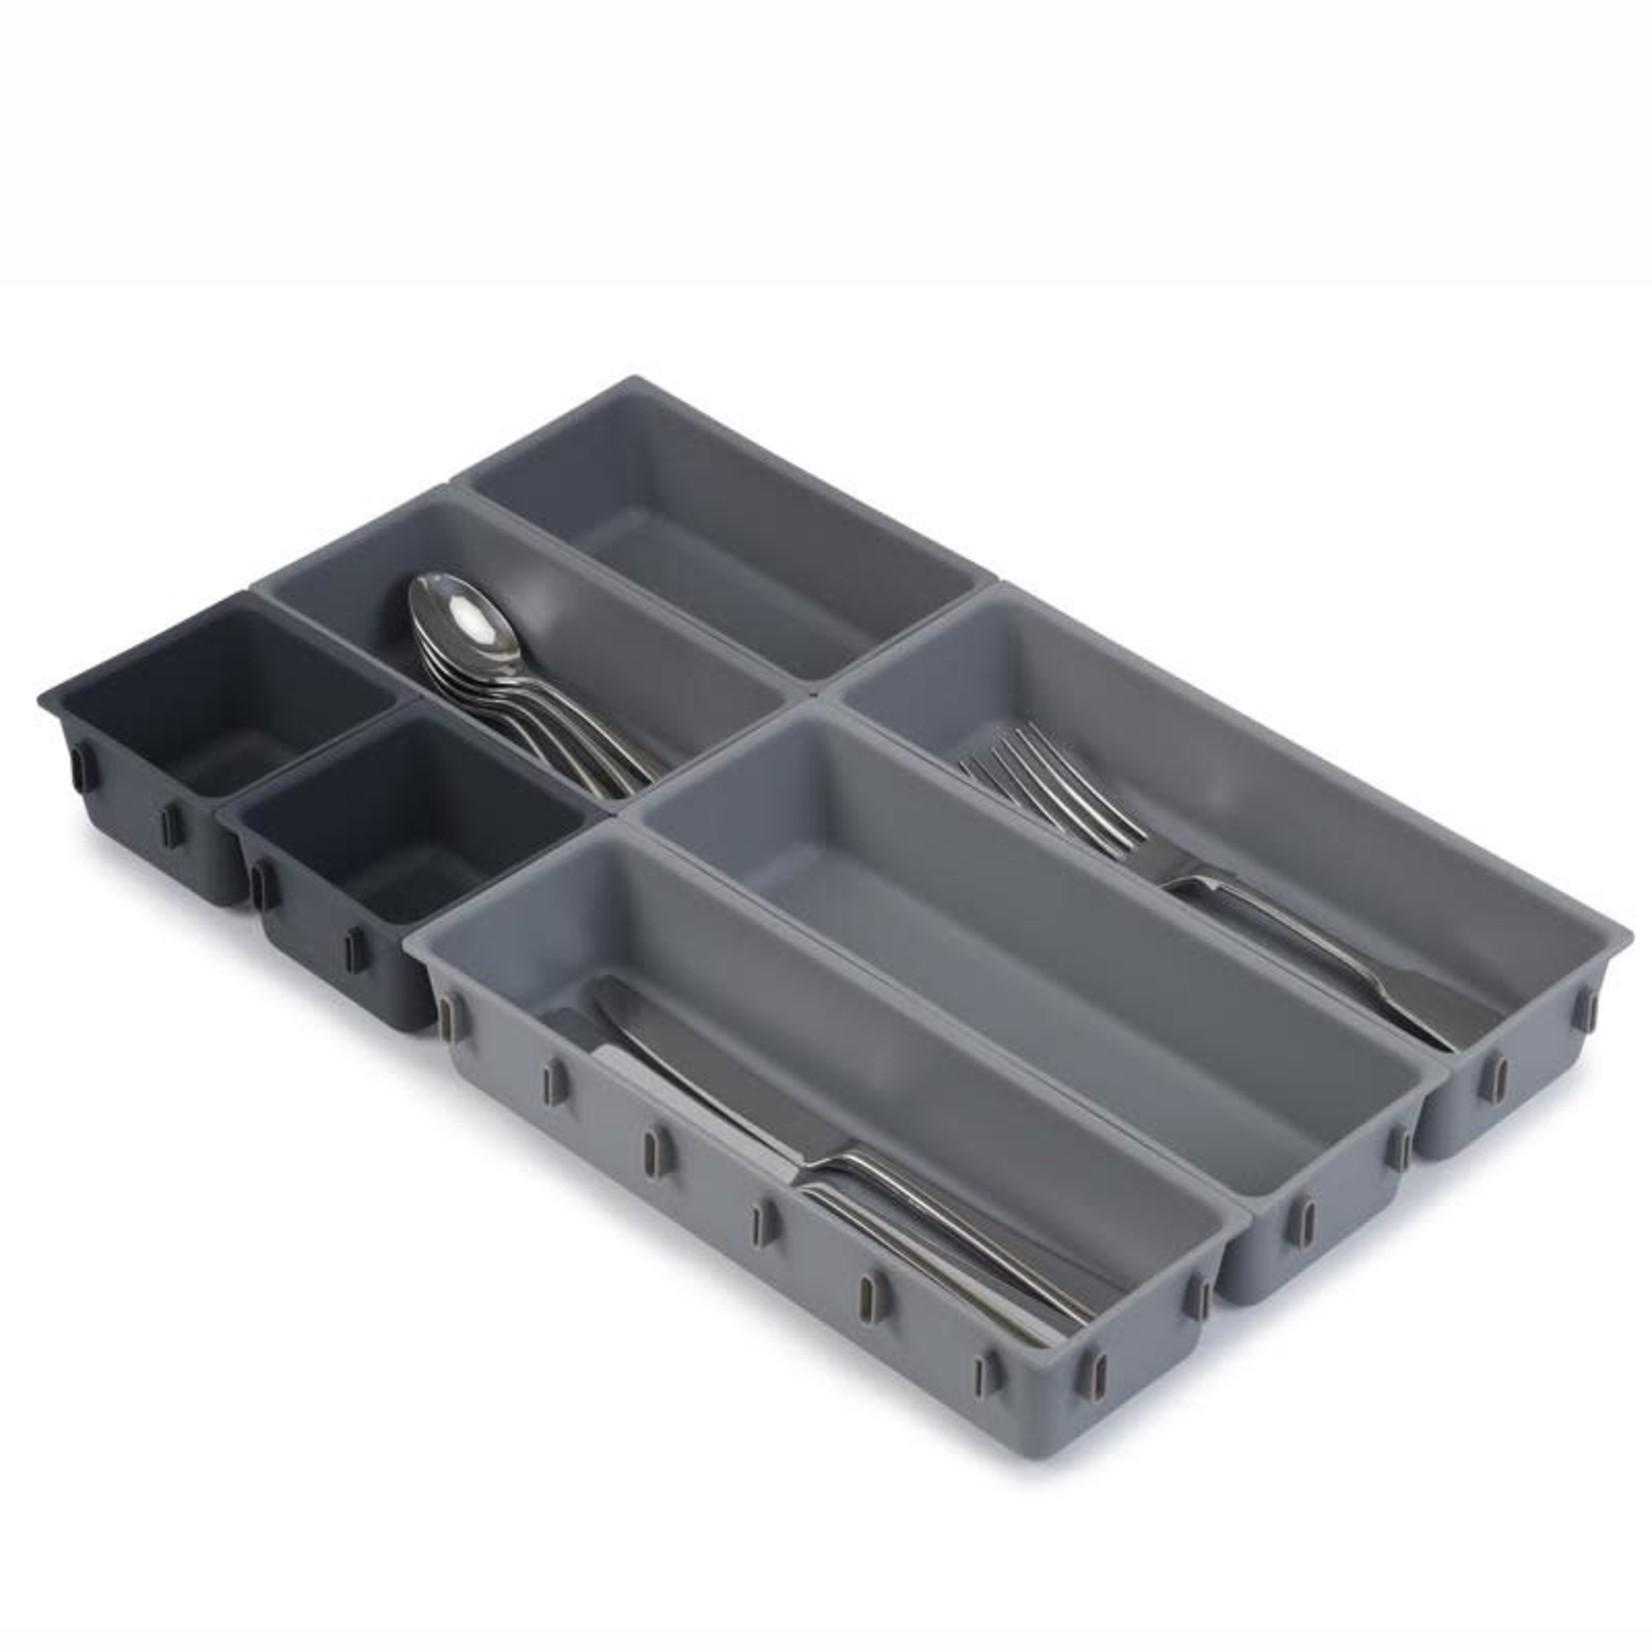 Blox 7 Piece Drawer Organizer Set